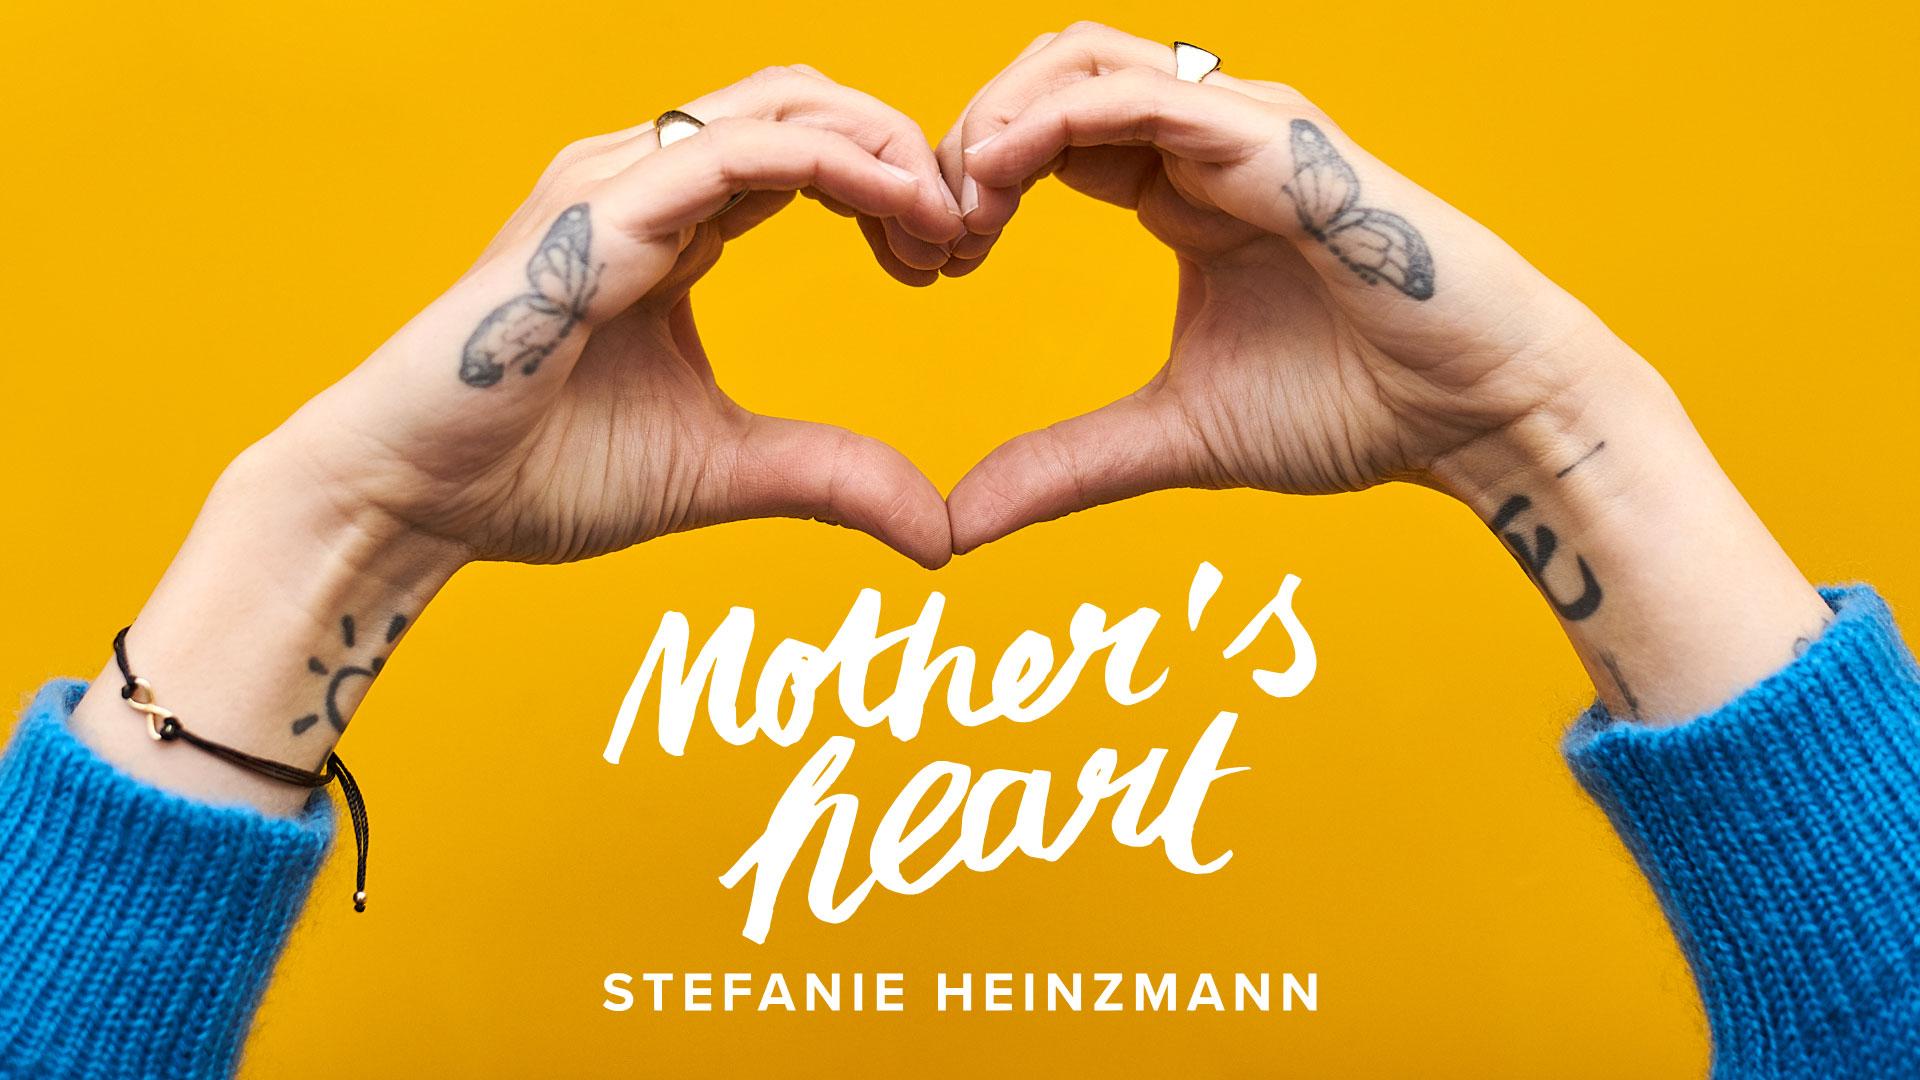 Die Offizielle Stefanie Heinzmann Website Die Offizielle Stefanie